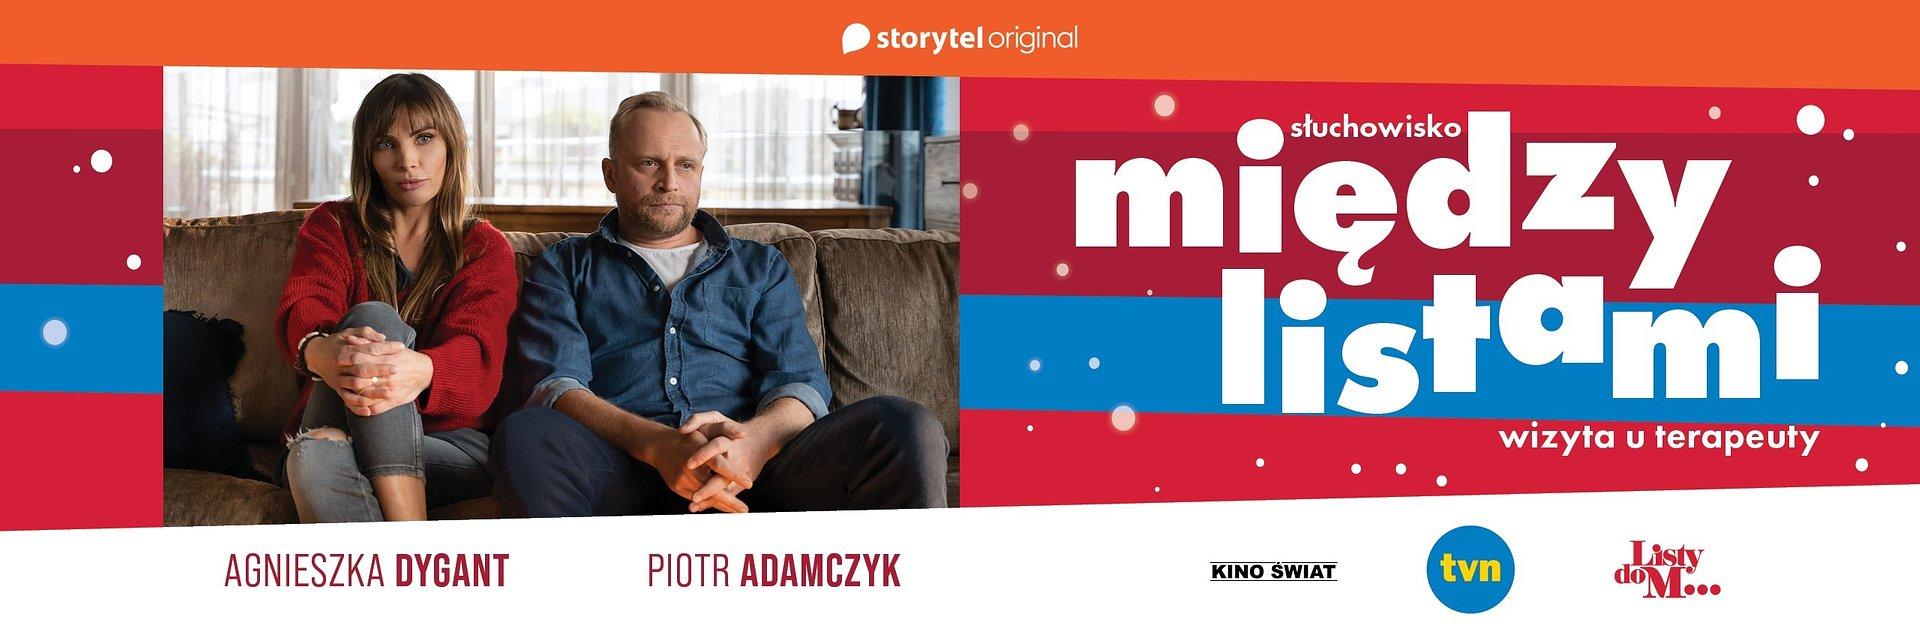 """Słuchowisko """"Między Listami"""" - tego nie zobaczysz w """"Listach do M...""""! Agnieszka Dygant i Piotr Adamczyk w nowym projekcie Storytel."""